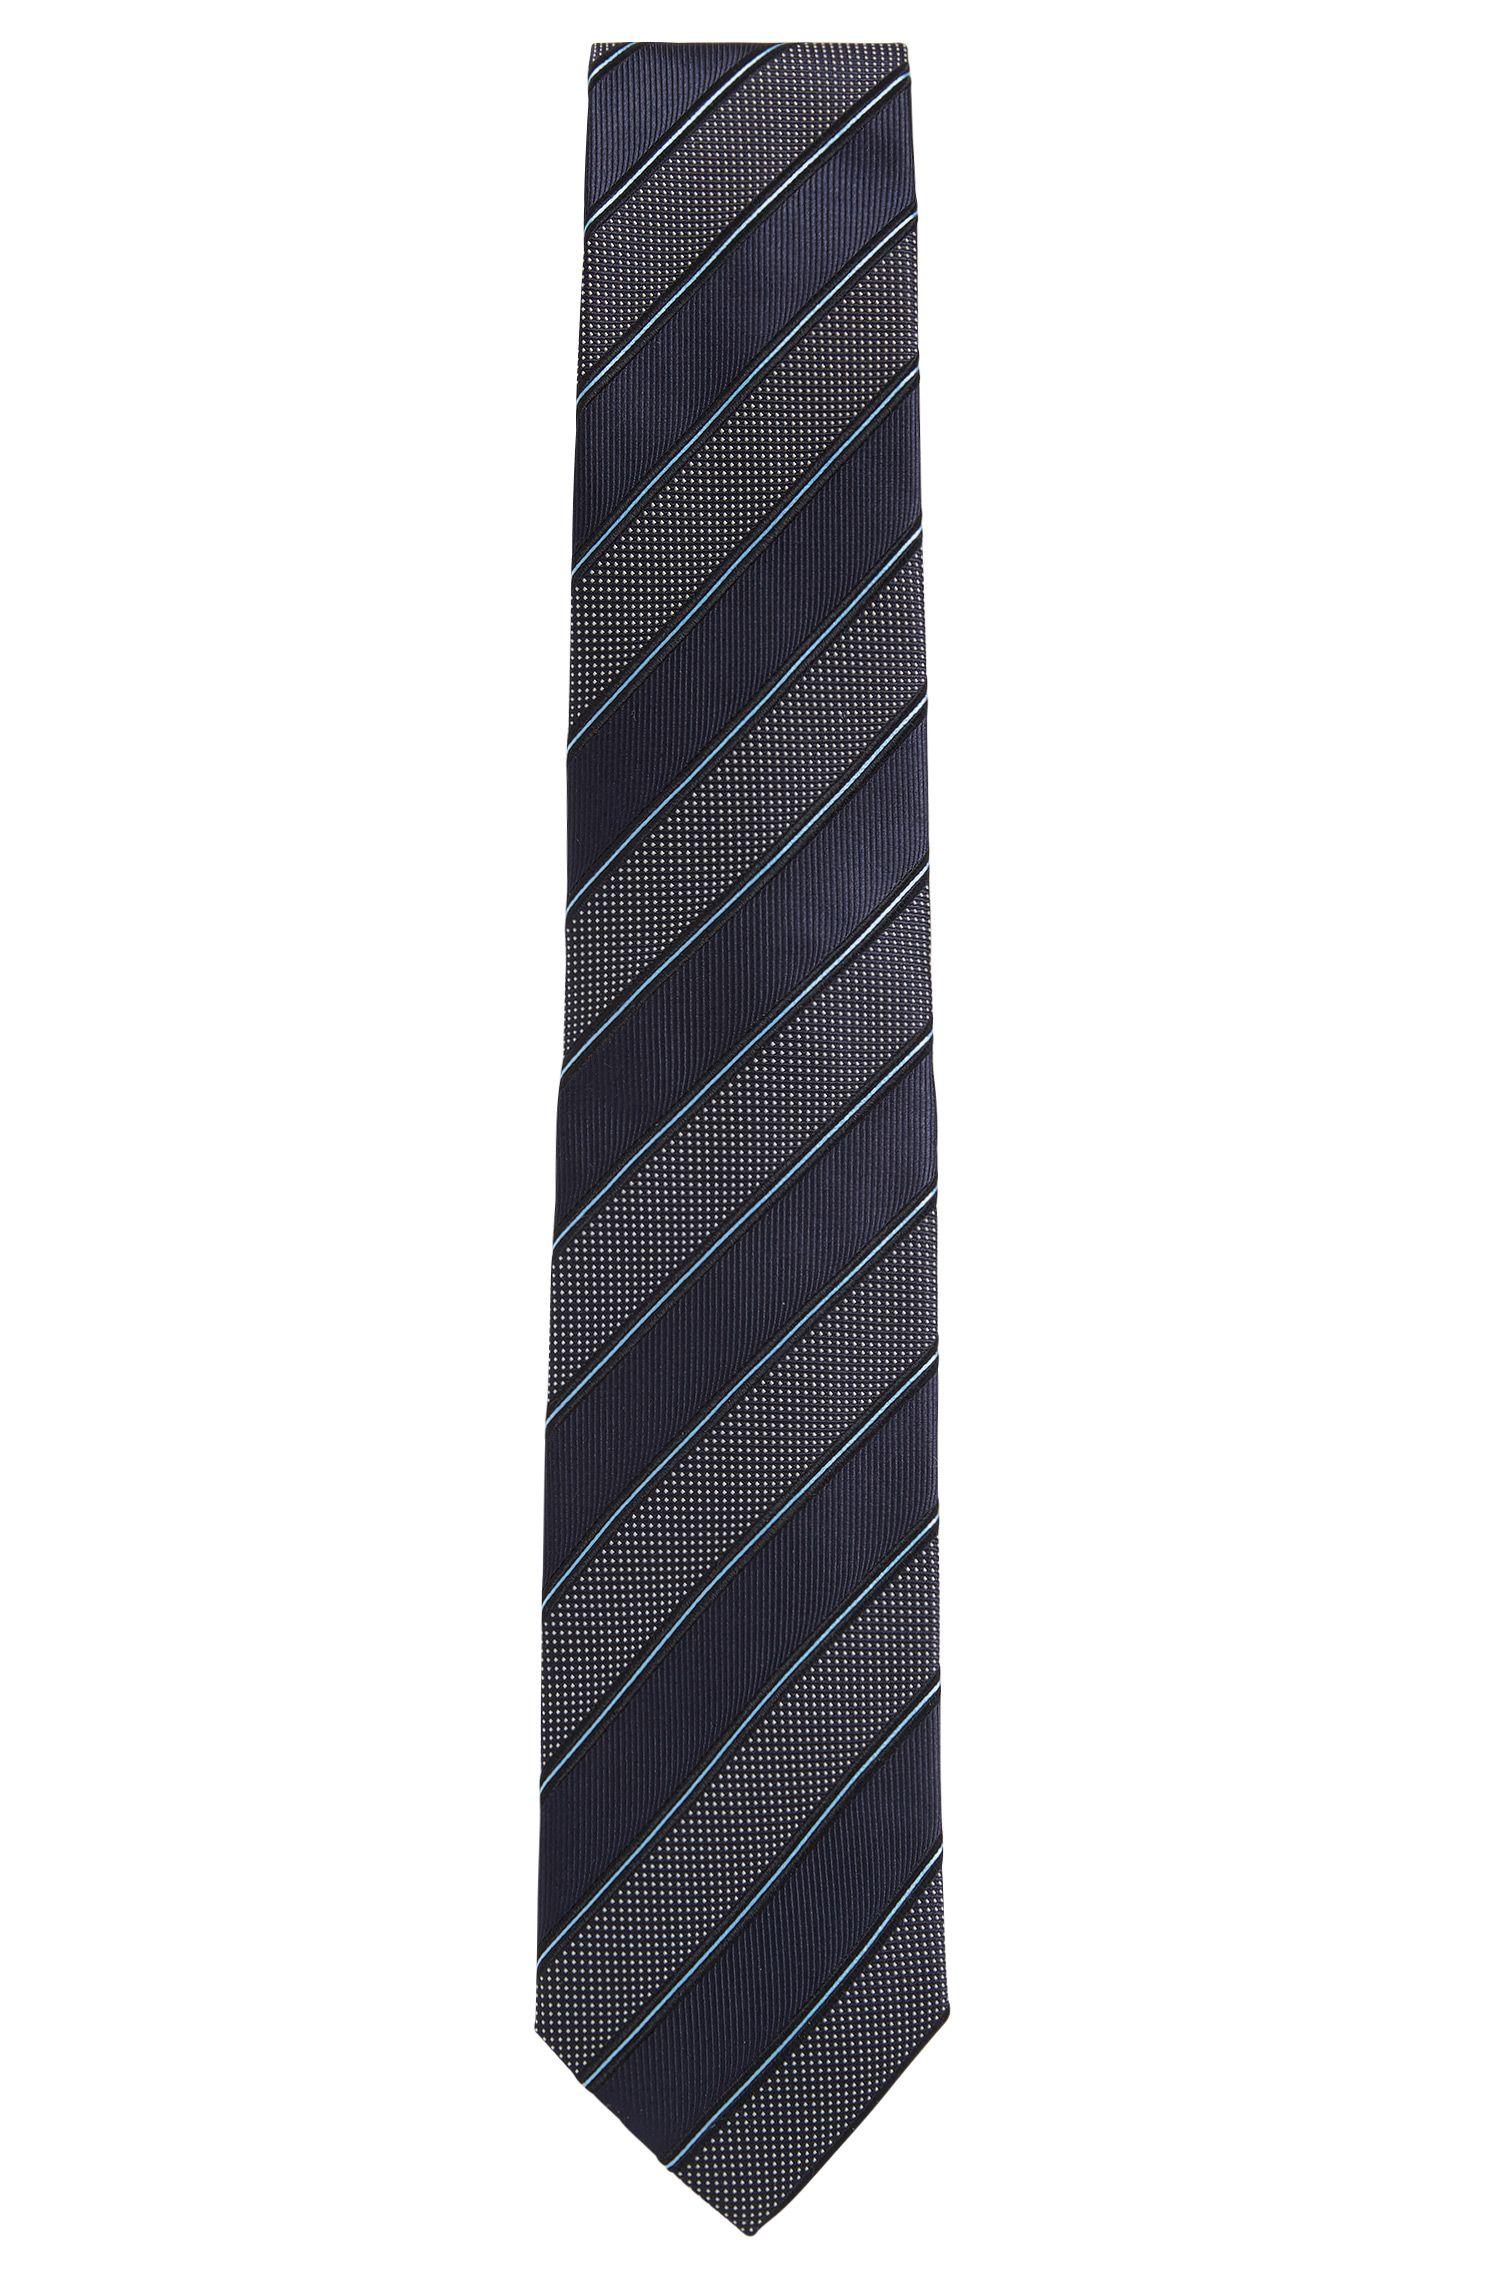 Jacquard striped tie in fine silk